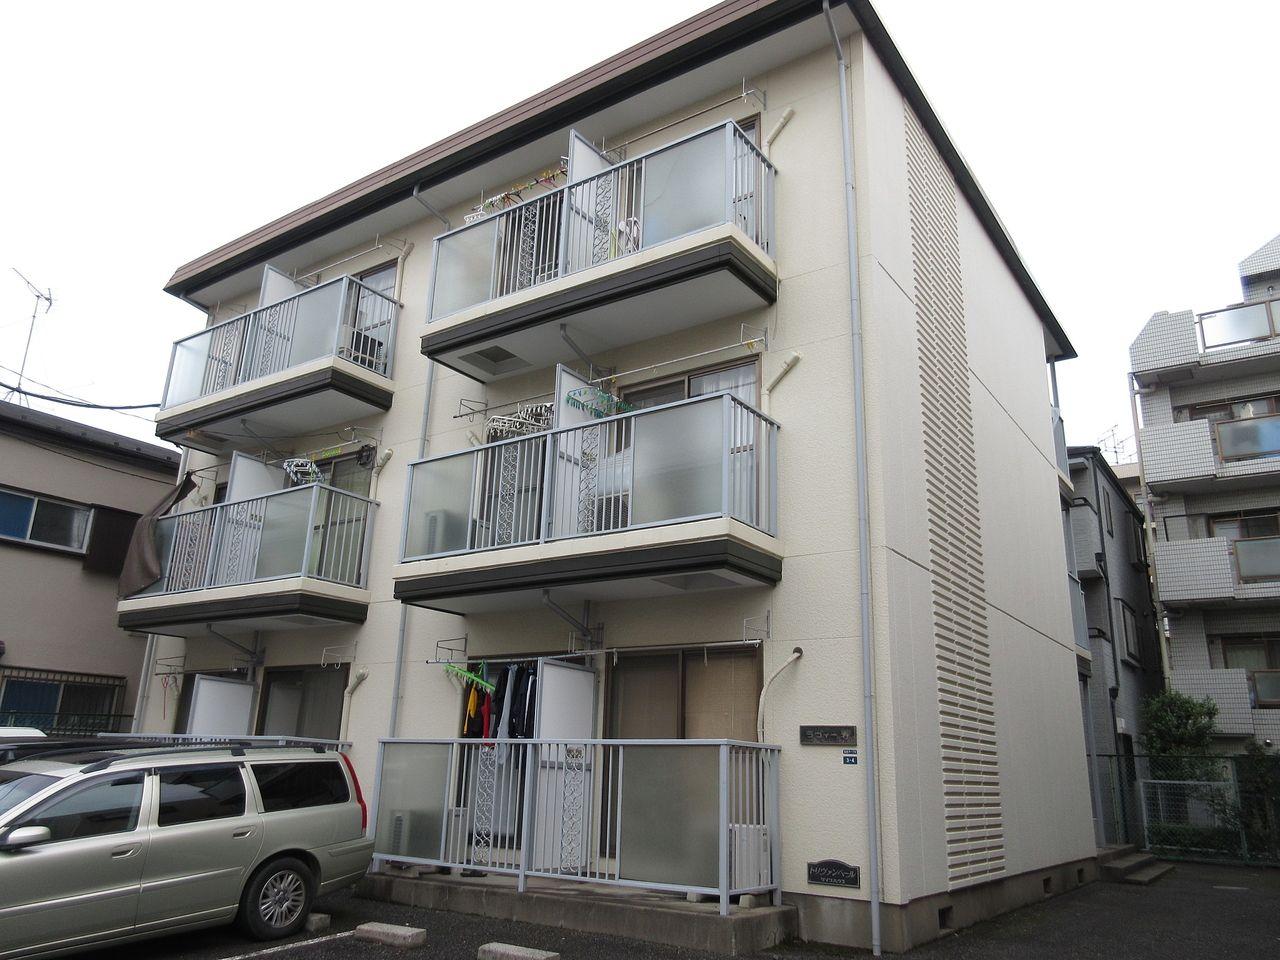 【板橋区高島平の賃貸マンション】~まずまここから始めてみてはどうでしょうか?・ラヴィー寿 301号室~